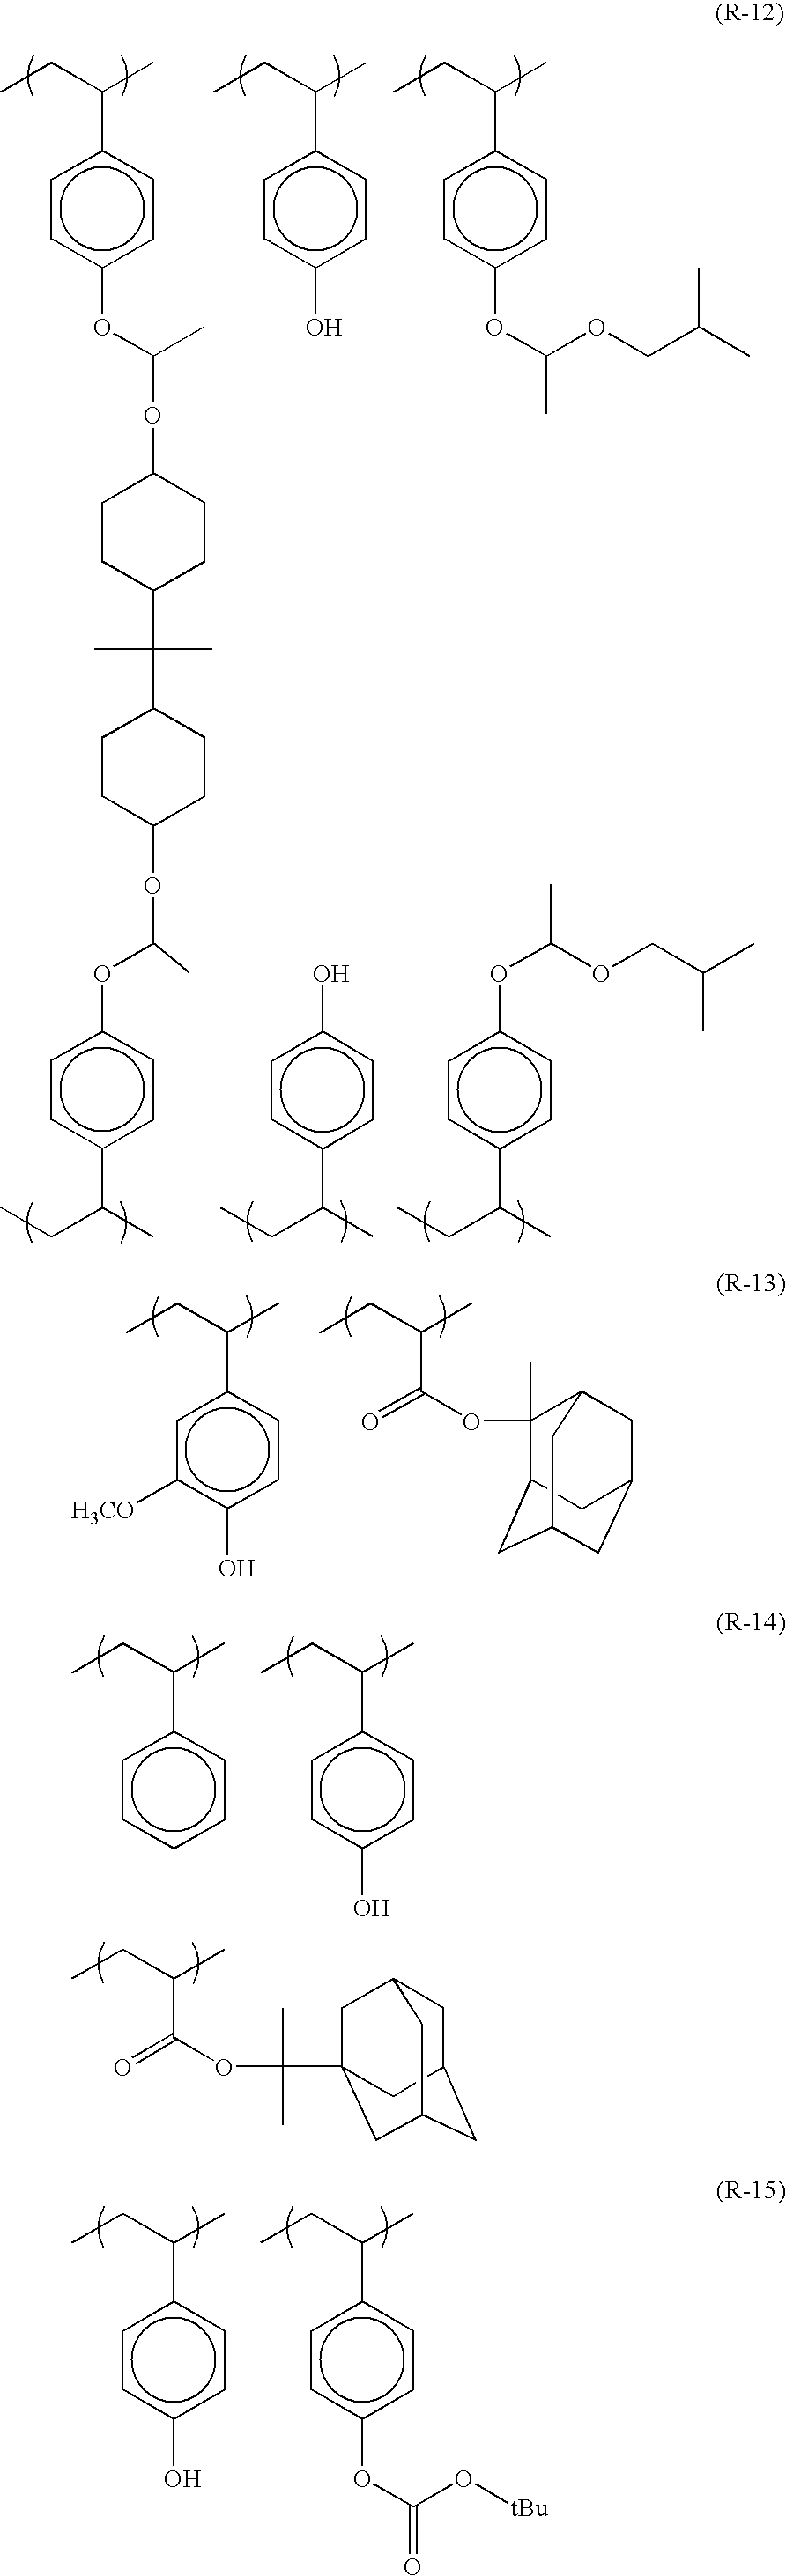 Figure US08530148-20130910-C00046